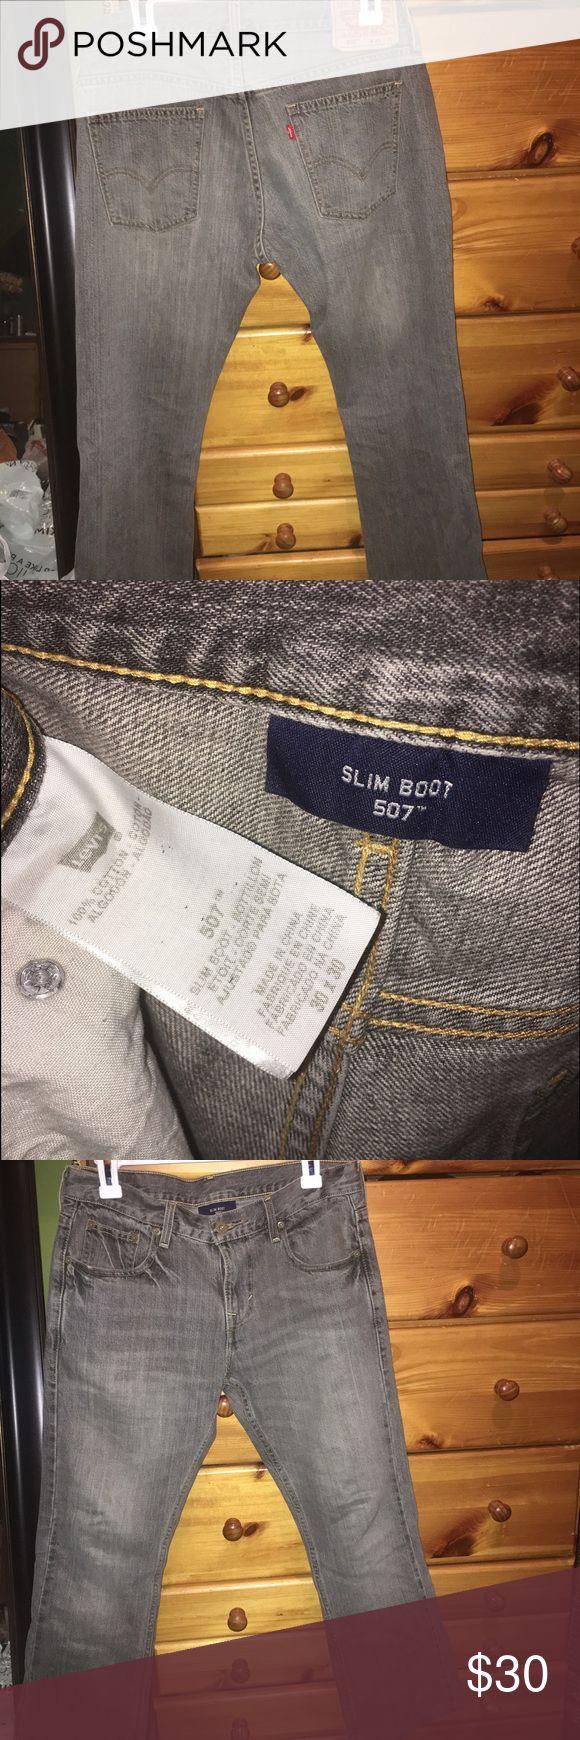 Levis,507,grey jeans, 30x30 Levi's 507  -grey slim boot cut jeans  Size:30x30 Levi's Jeans Slim